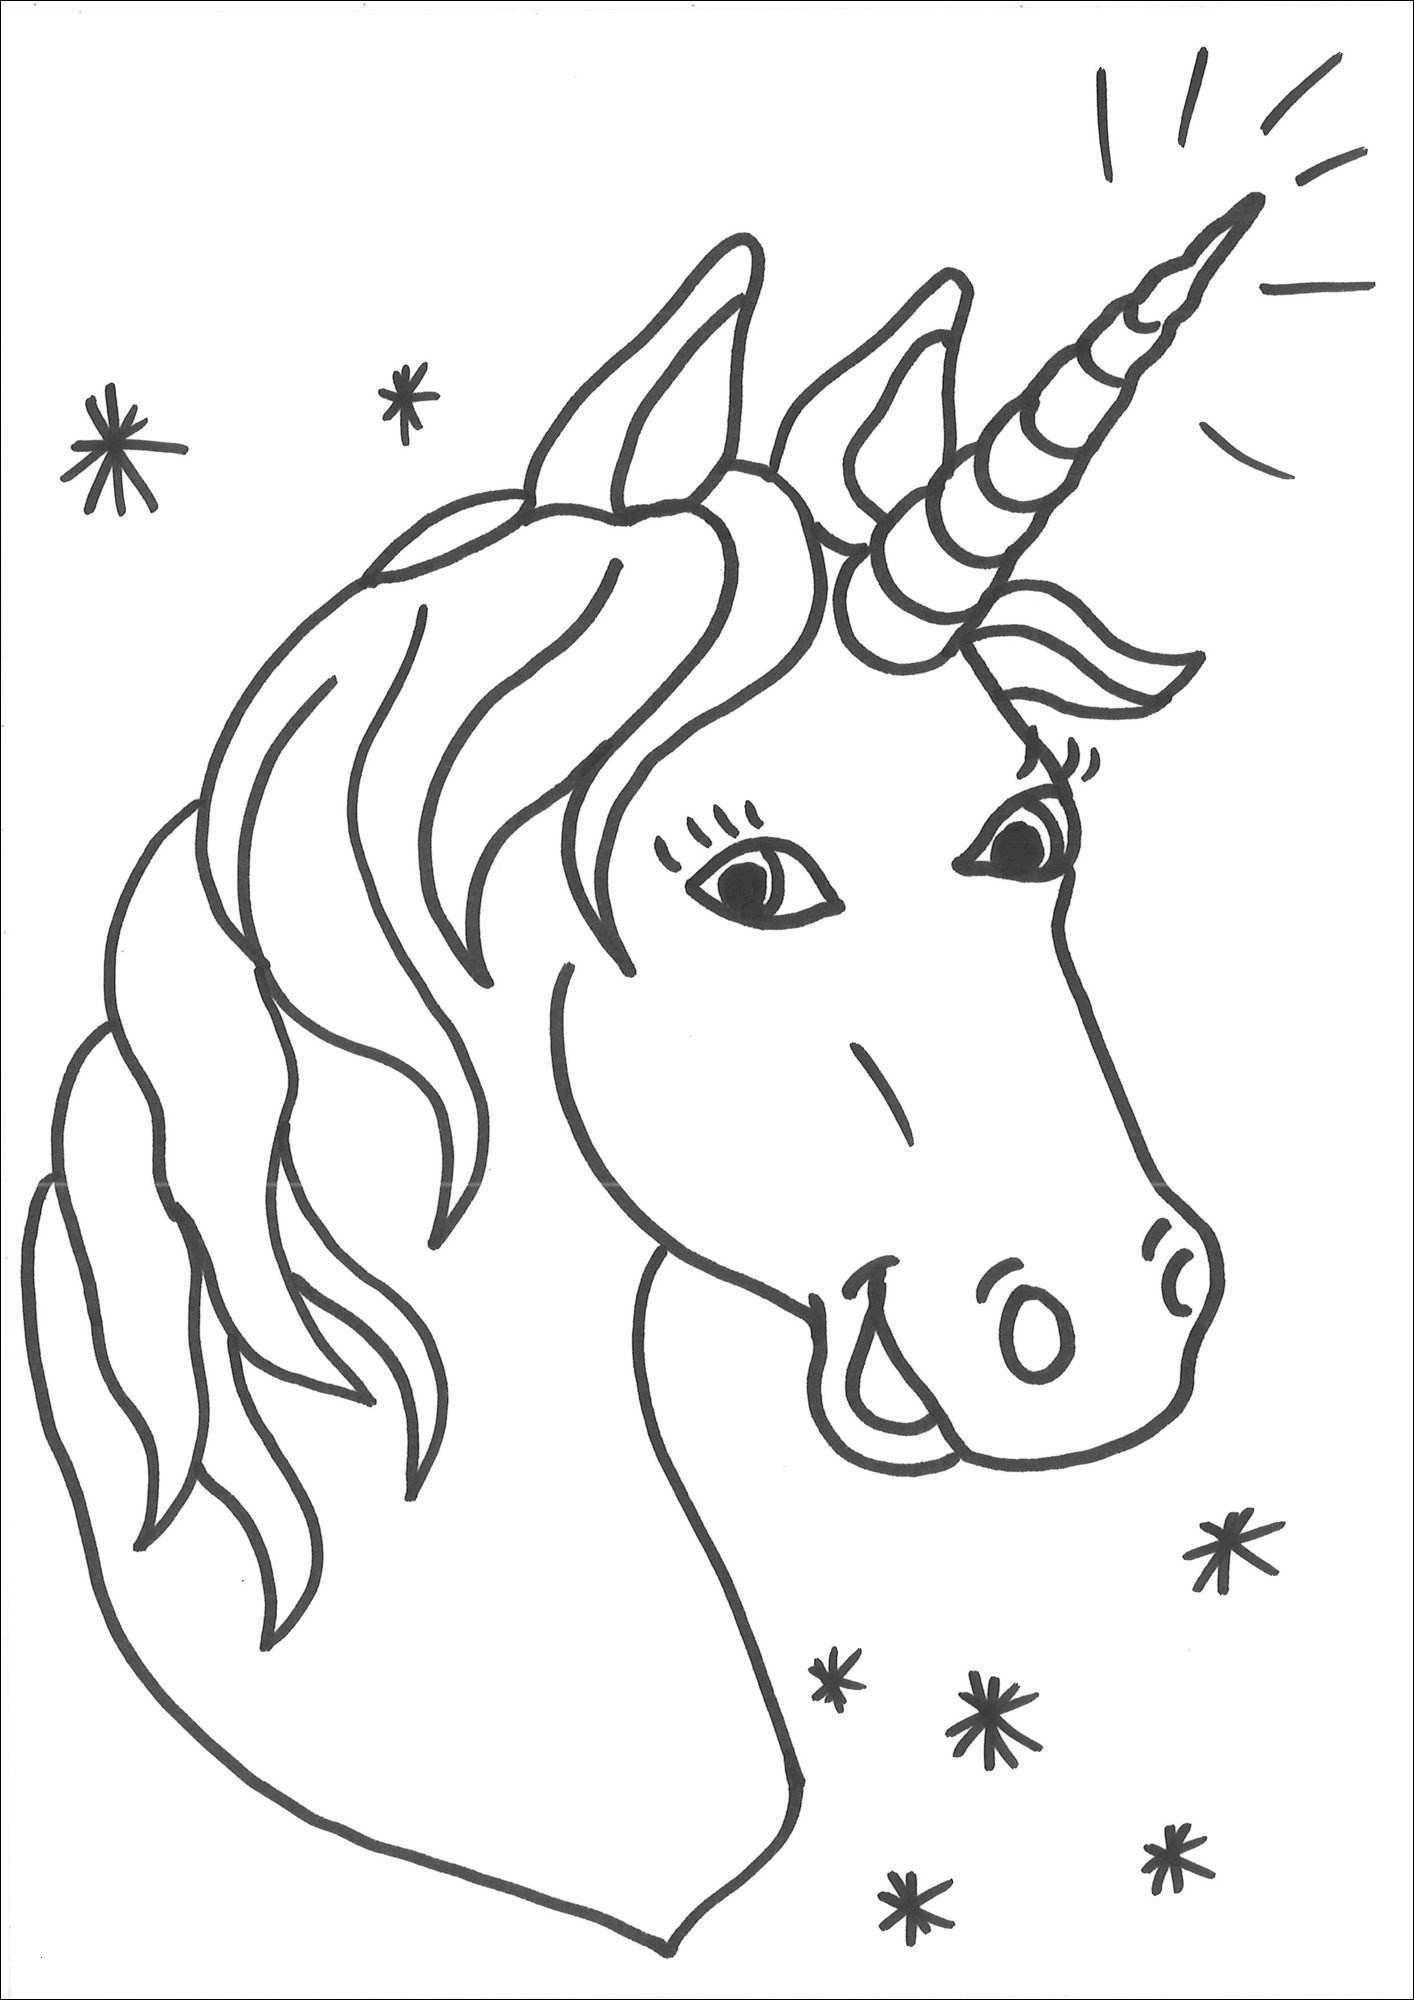 Einhorn Mandala Erwachsene Neu Malvorlagen Erwachsene Pferd Vorstellung 37 Einfache Malvorlagen Fotografieren